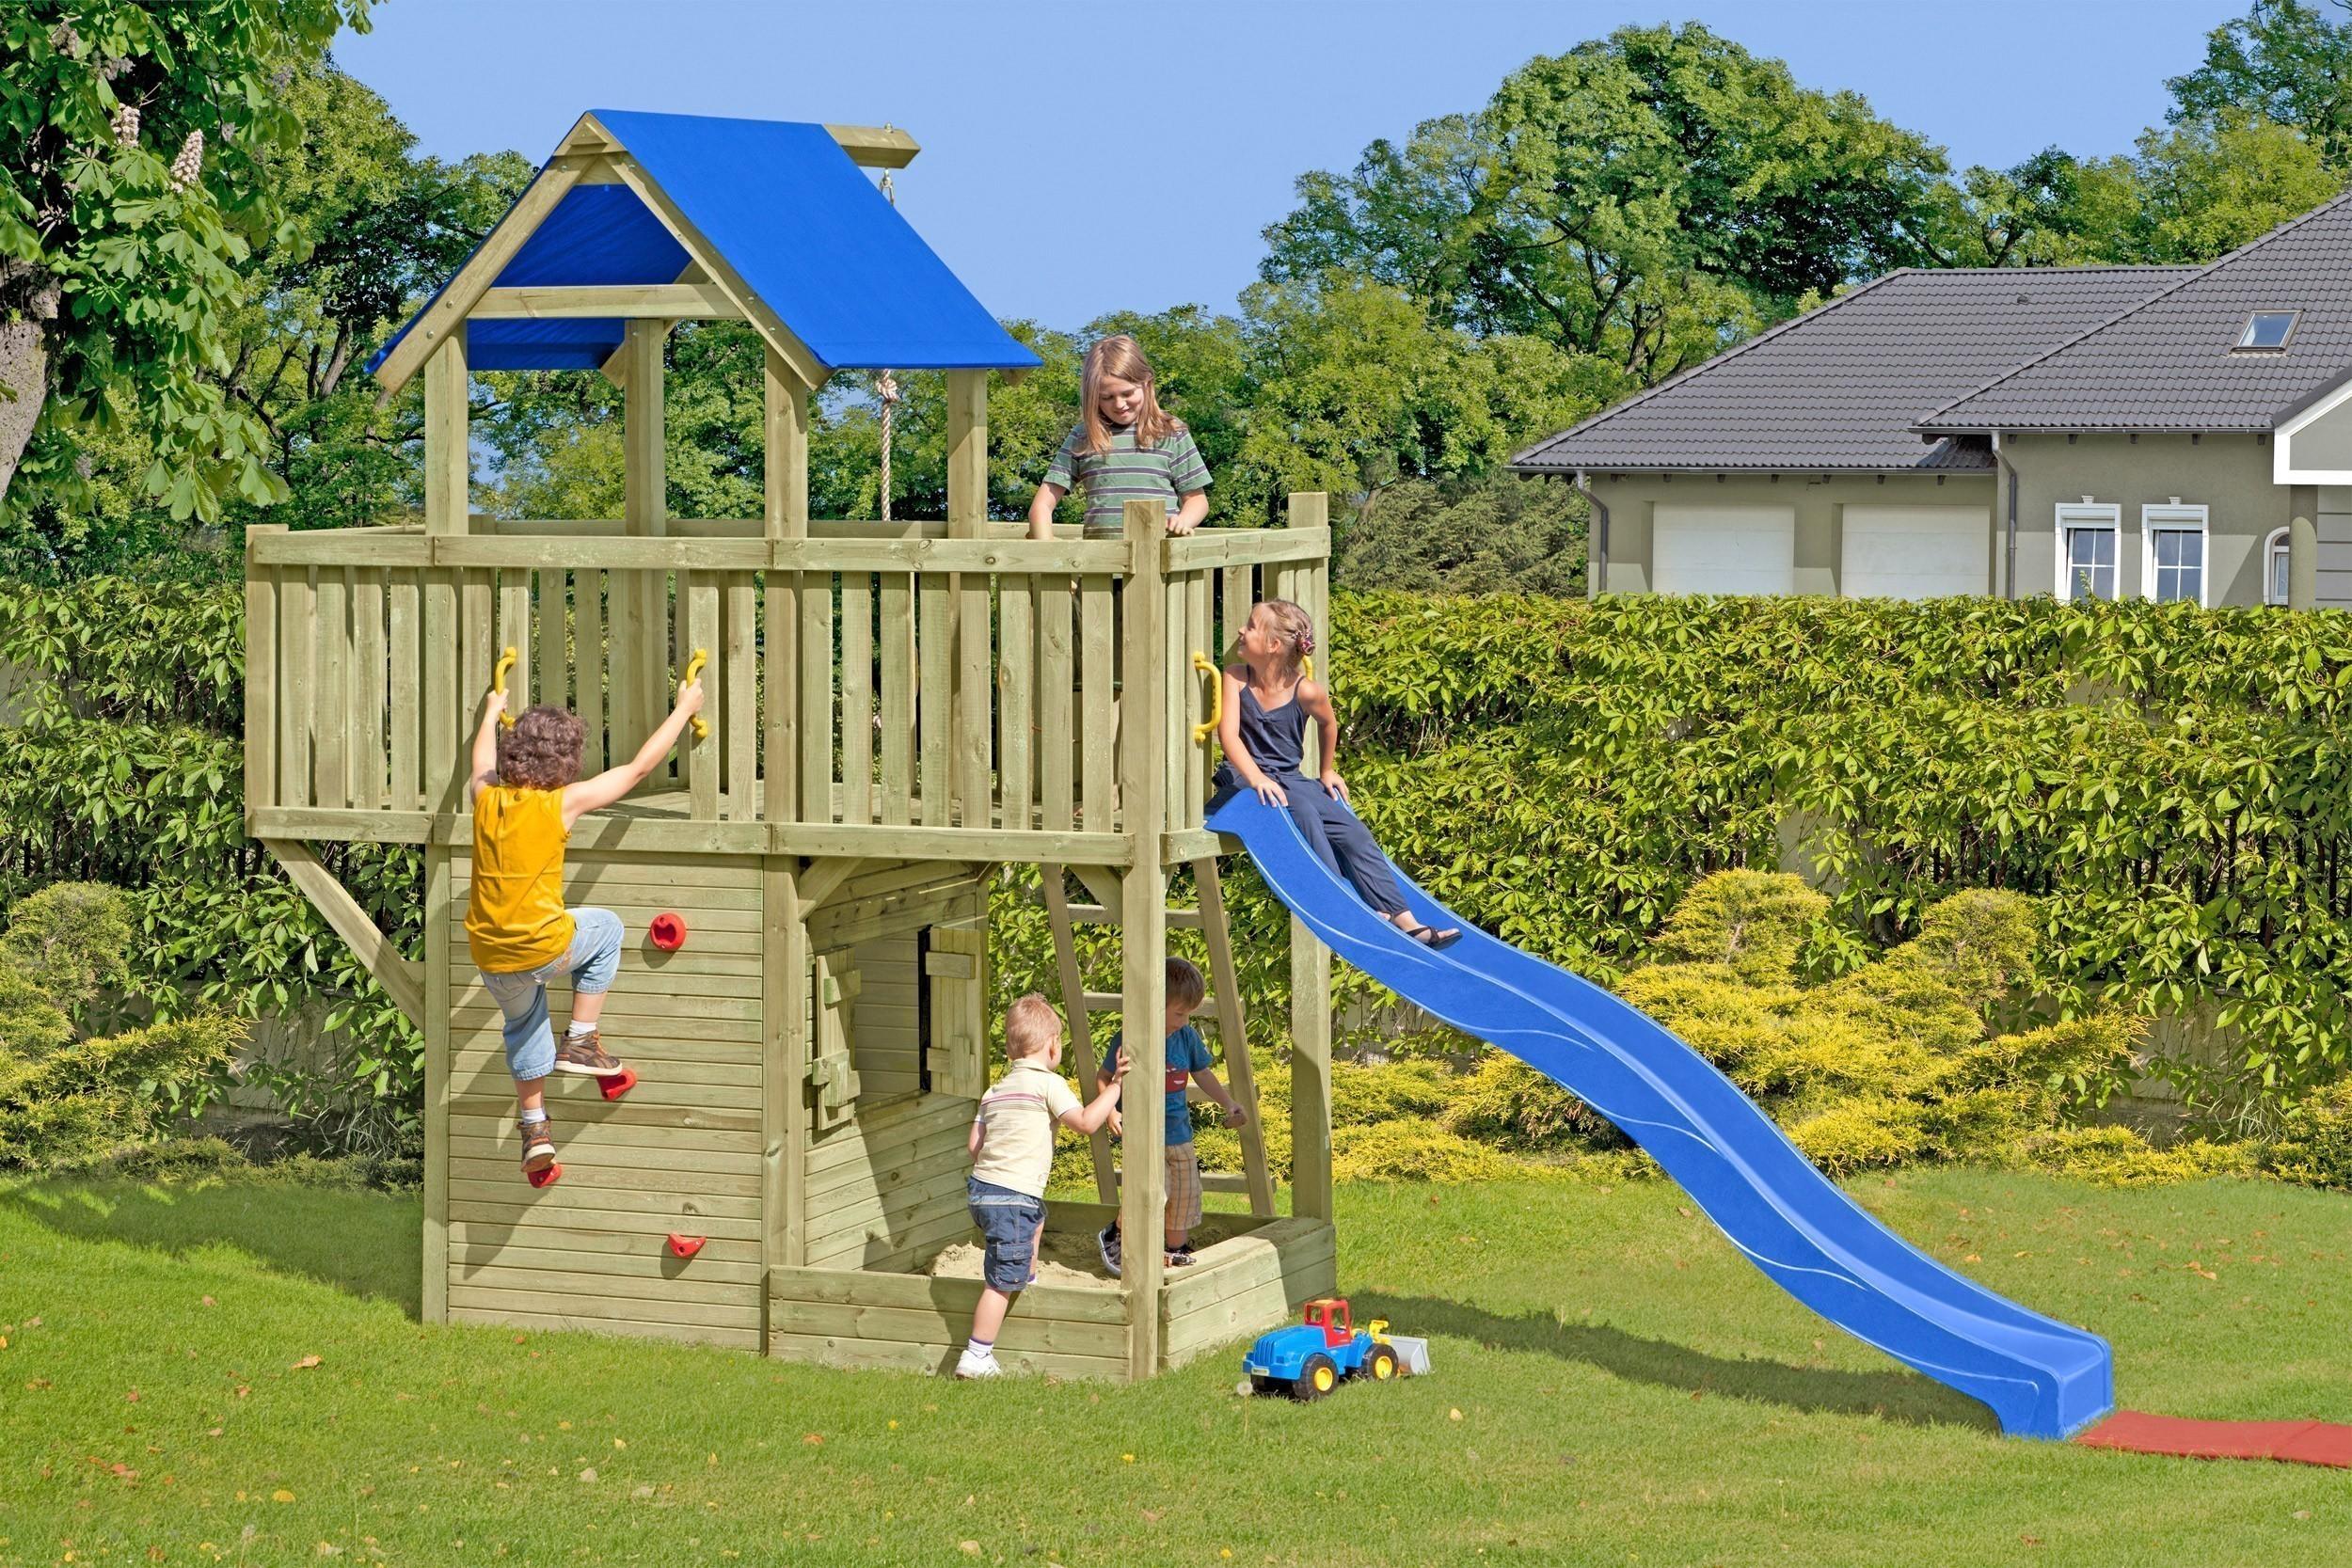 spielanlage spielturm big tree multi play mit rutsche bei. Black Bedroom Furniture Sets. Home Design Ideas